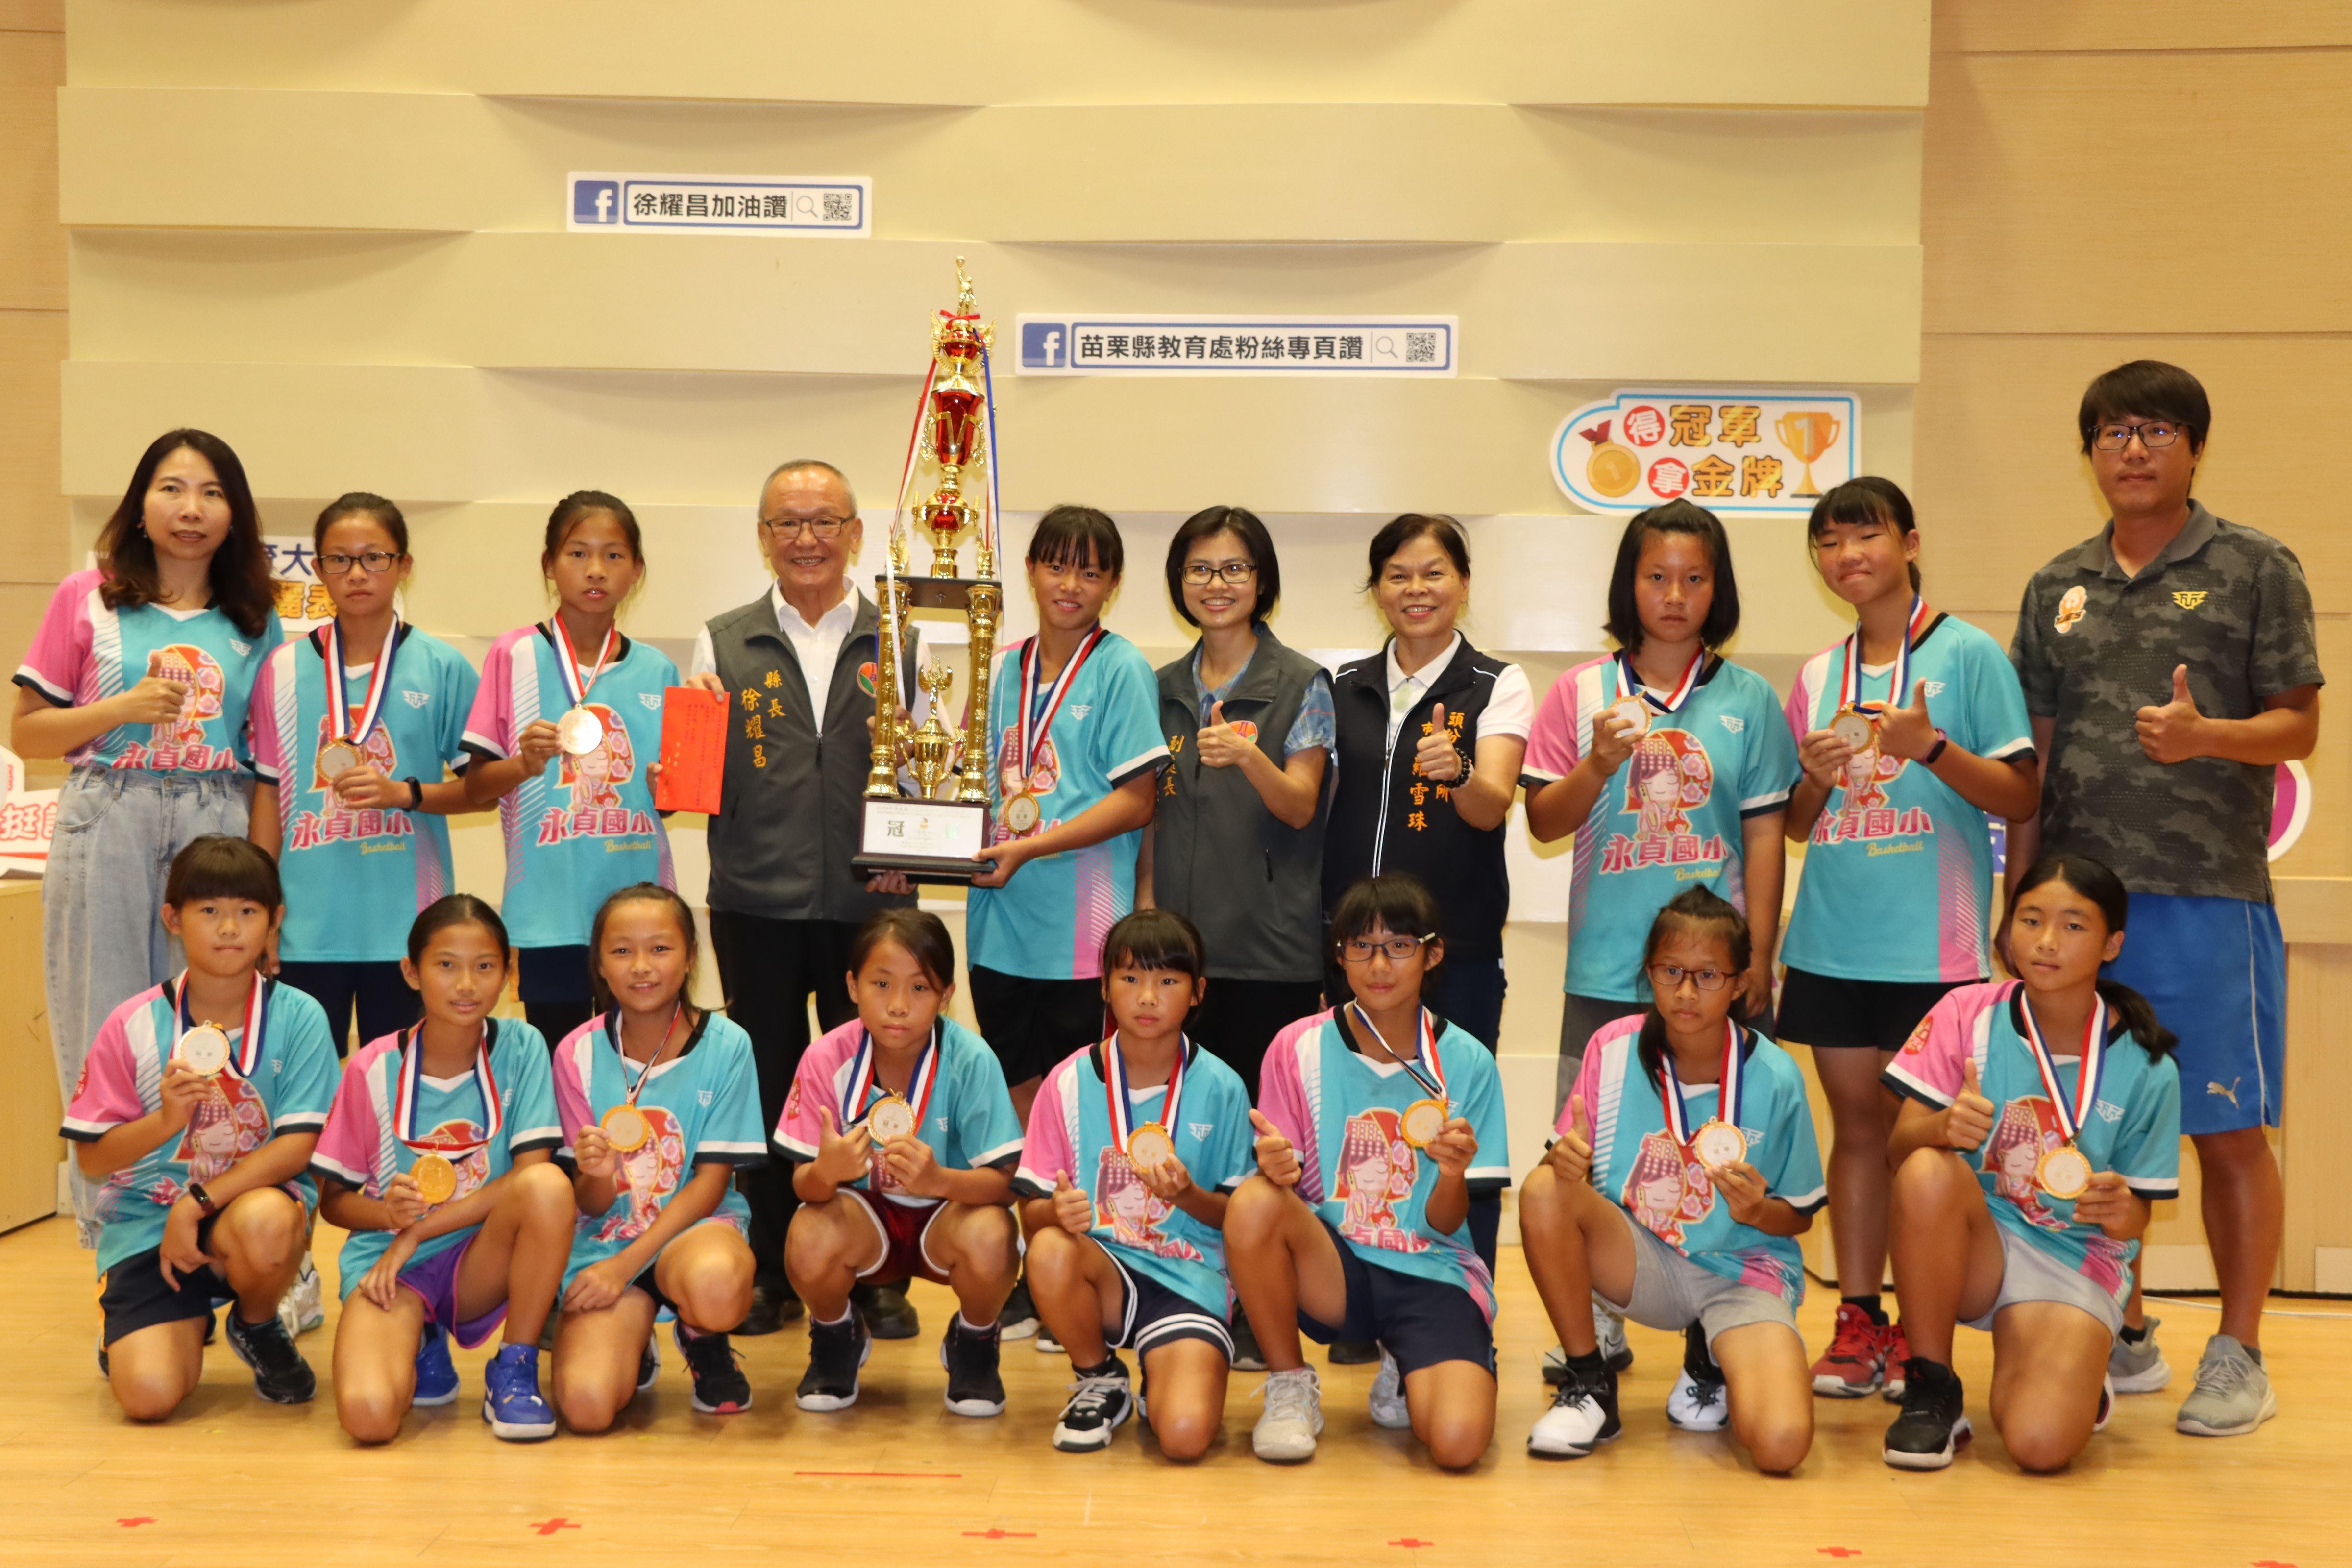 5縣府-永貞國小女籃隊榮獲全國少年籃賽冠軍 IMG_8206.JPG